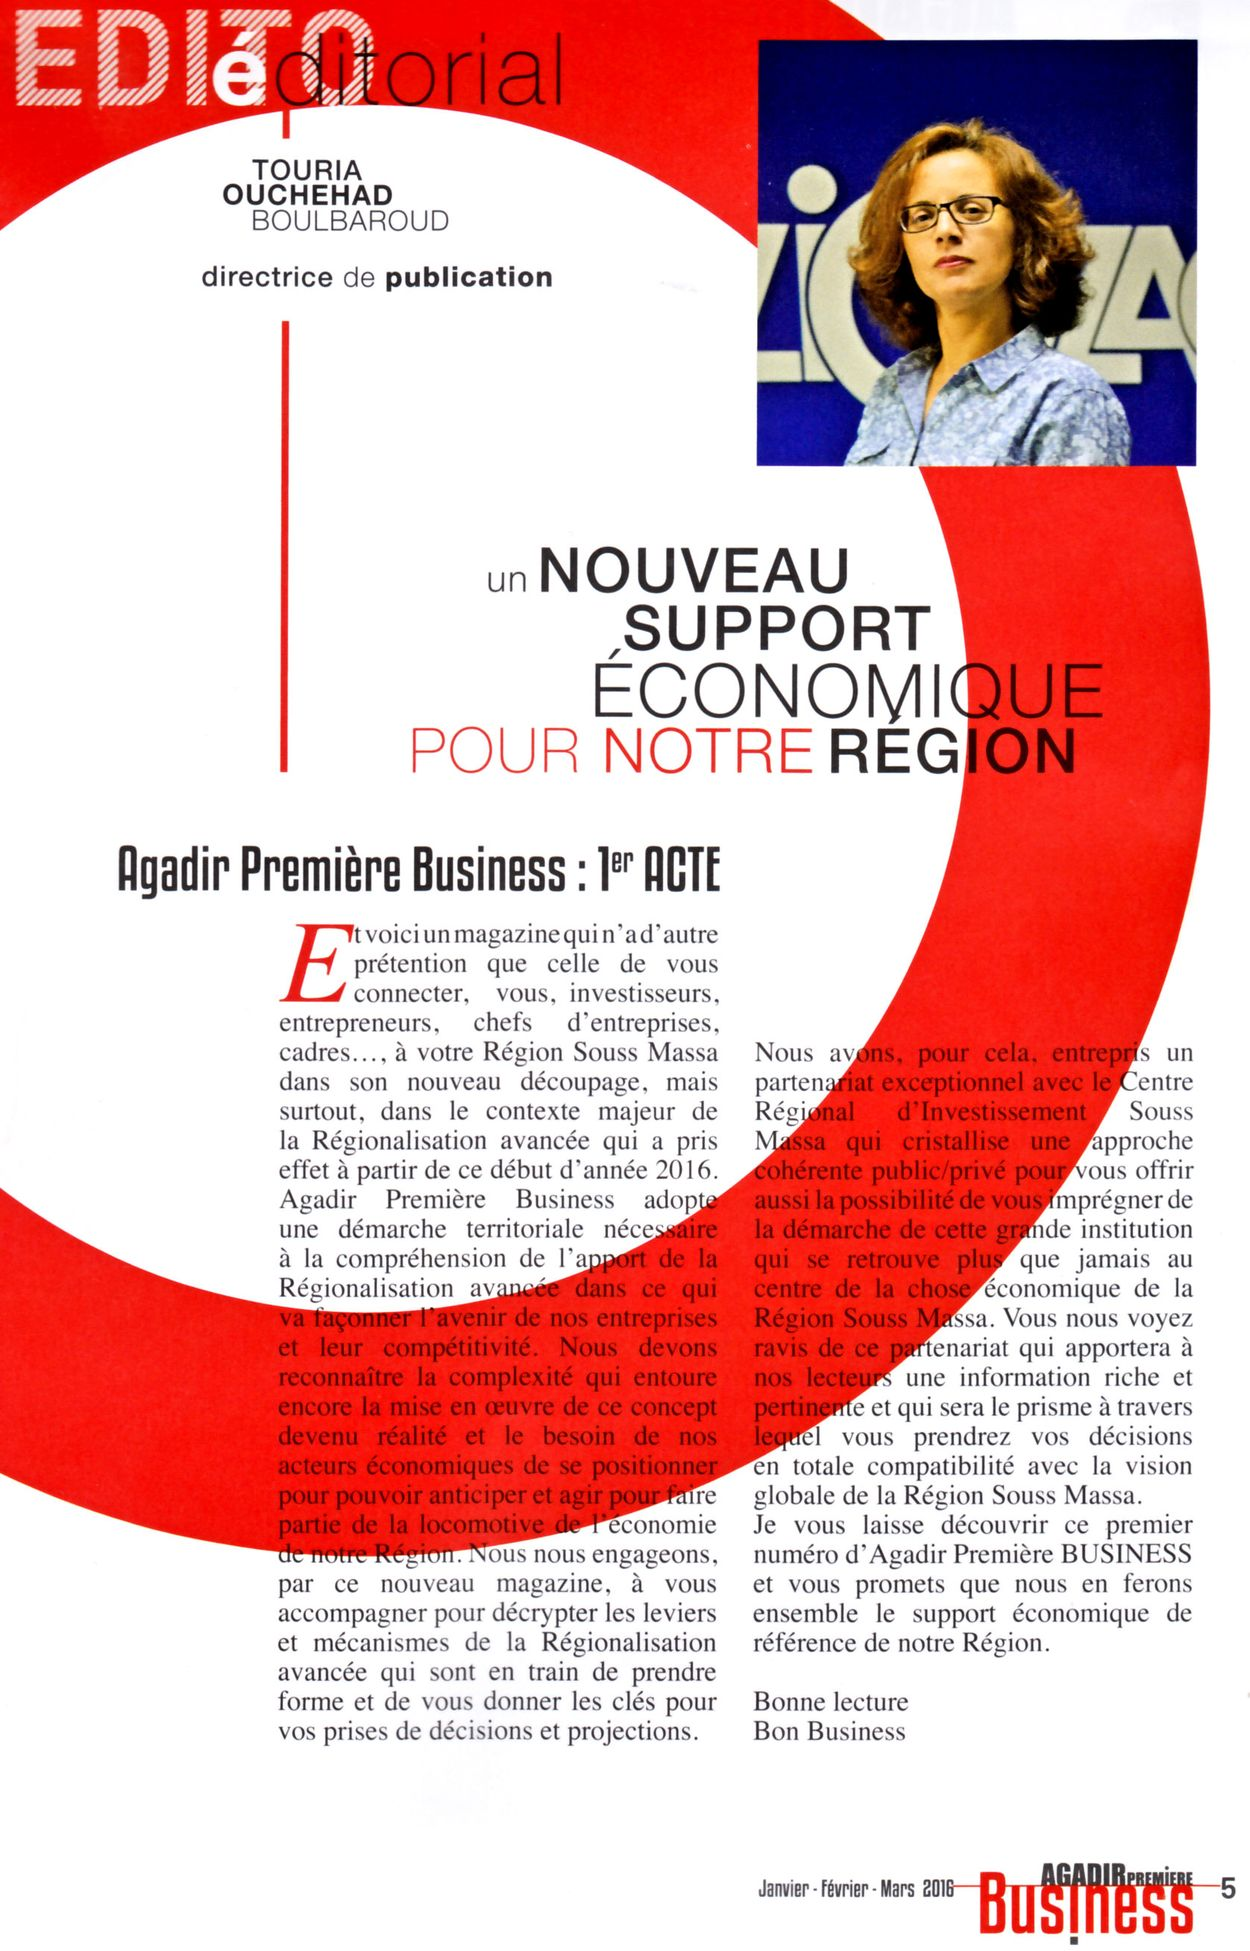 Agadir première Business_0002